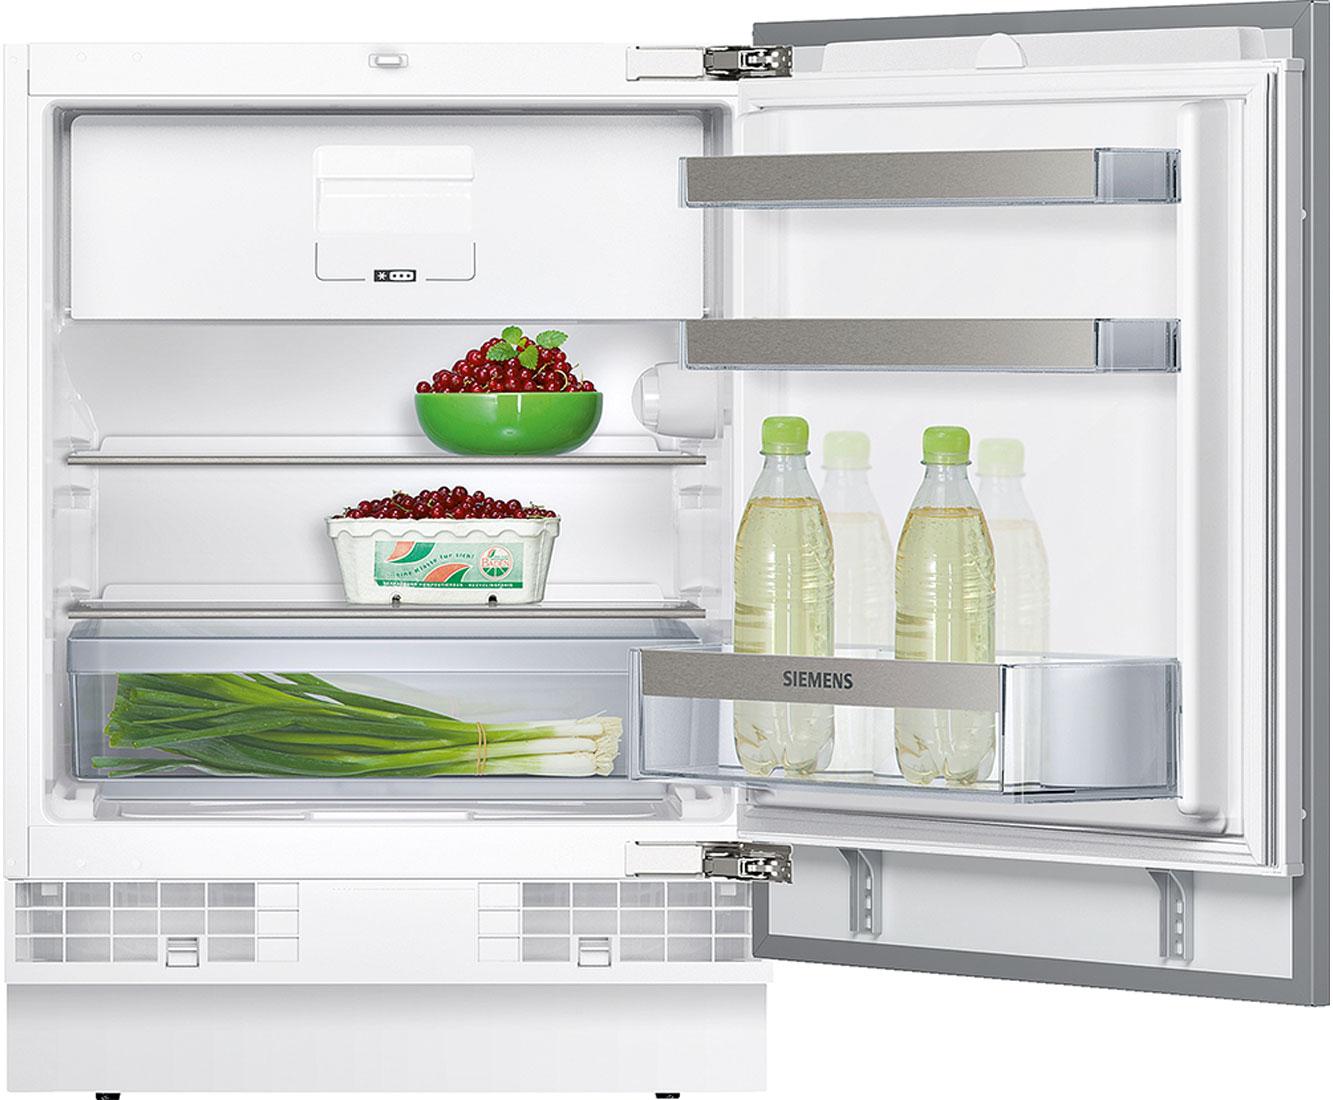 Siemens Iq500 Ku15lsx60 Unterbau Kühlschrank Mit Gefrierfach 82er Nische  Festtür Technik A